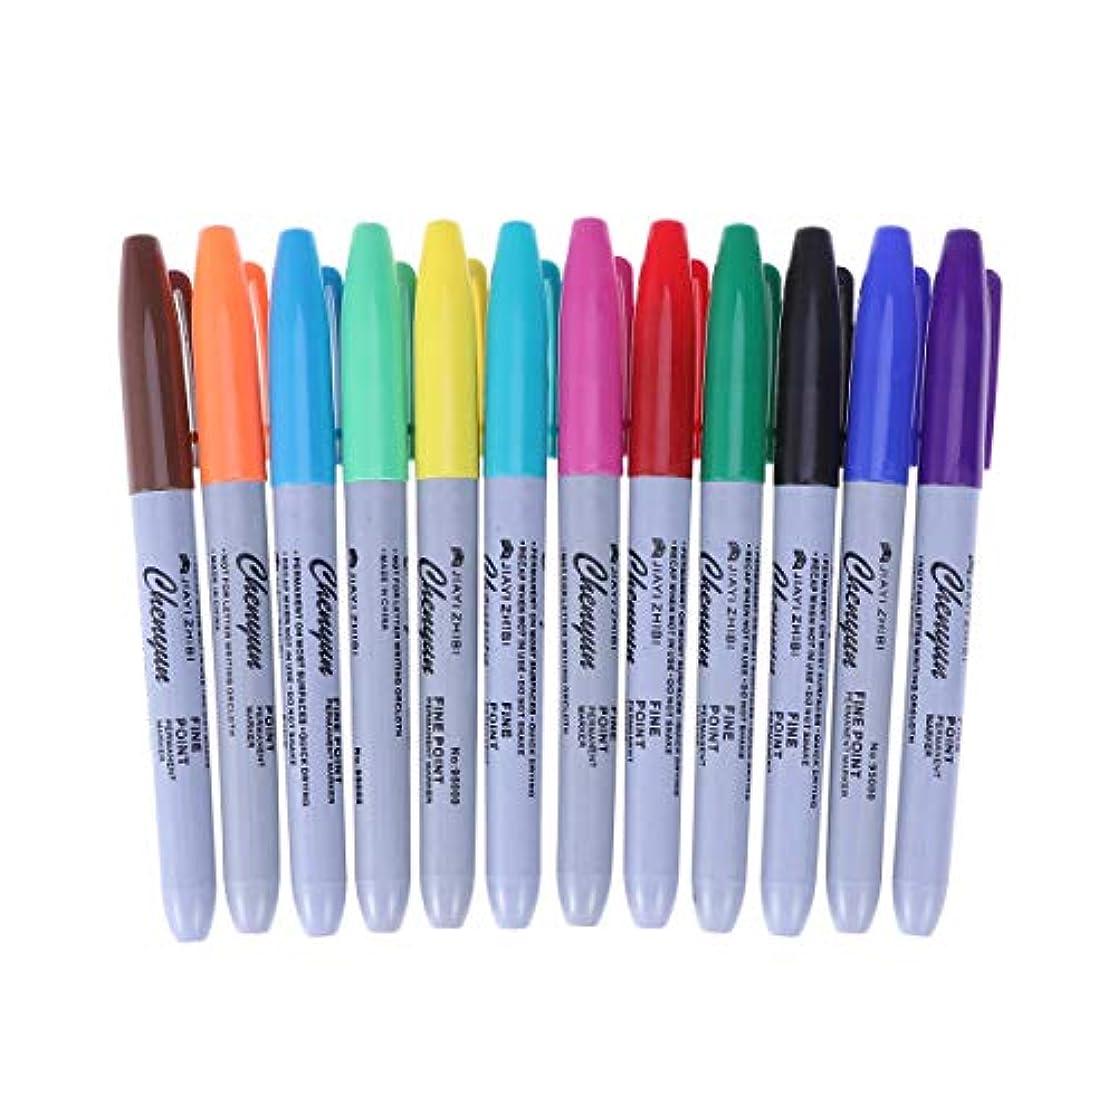 溶融結び目入植者Healifty タトゥーペン防水高品質マーカーペン12色スキンマーカーペンスクライブツールタトゥー用品24ピース